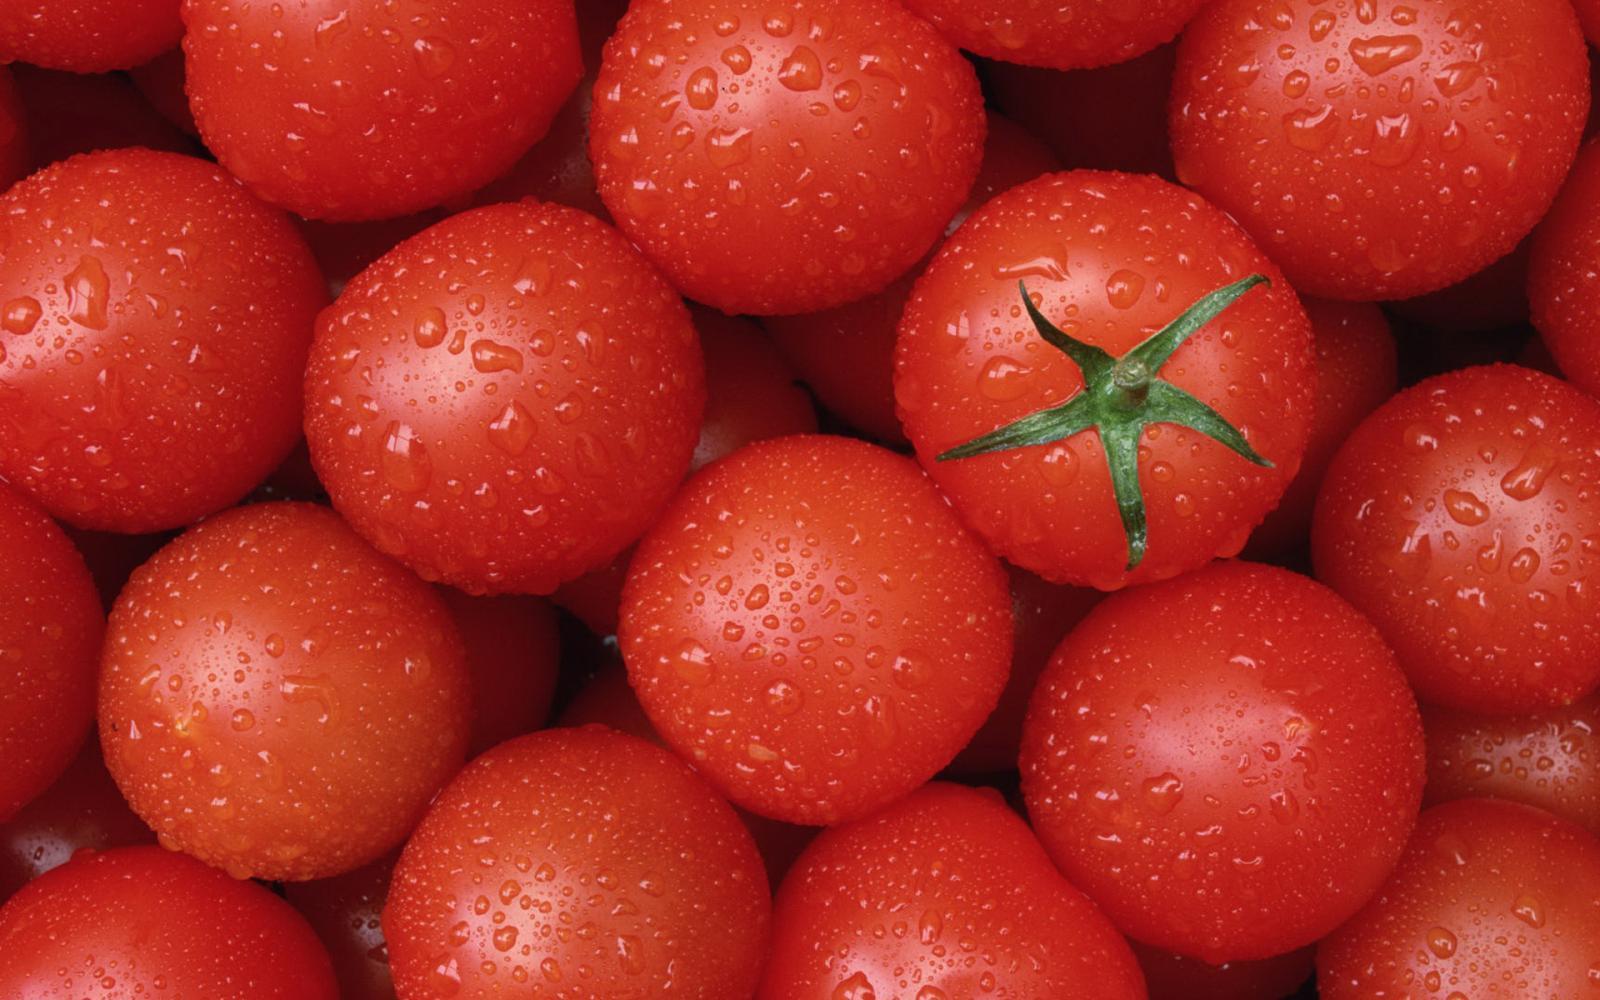 Что значит детерминантный сорт помидоров